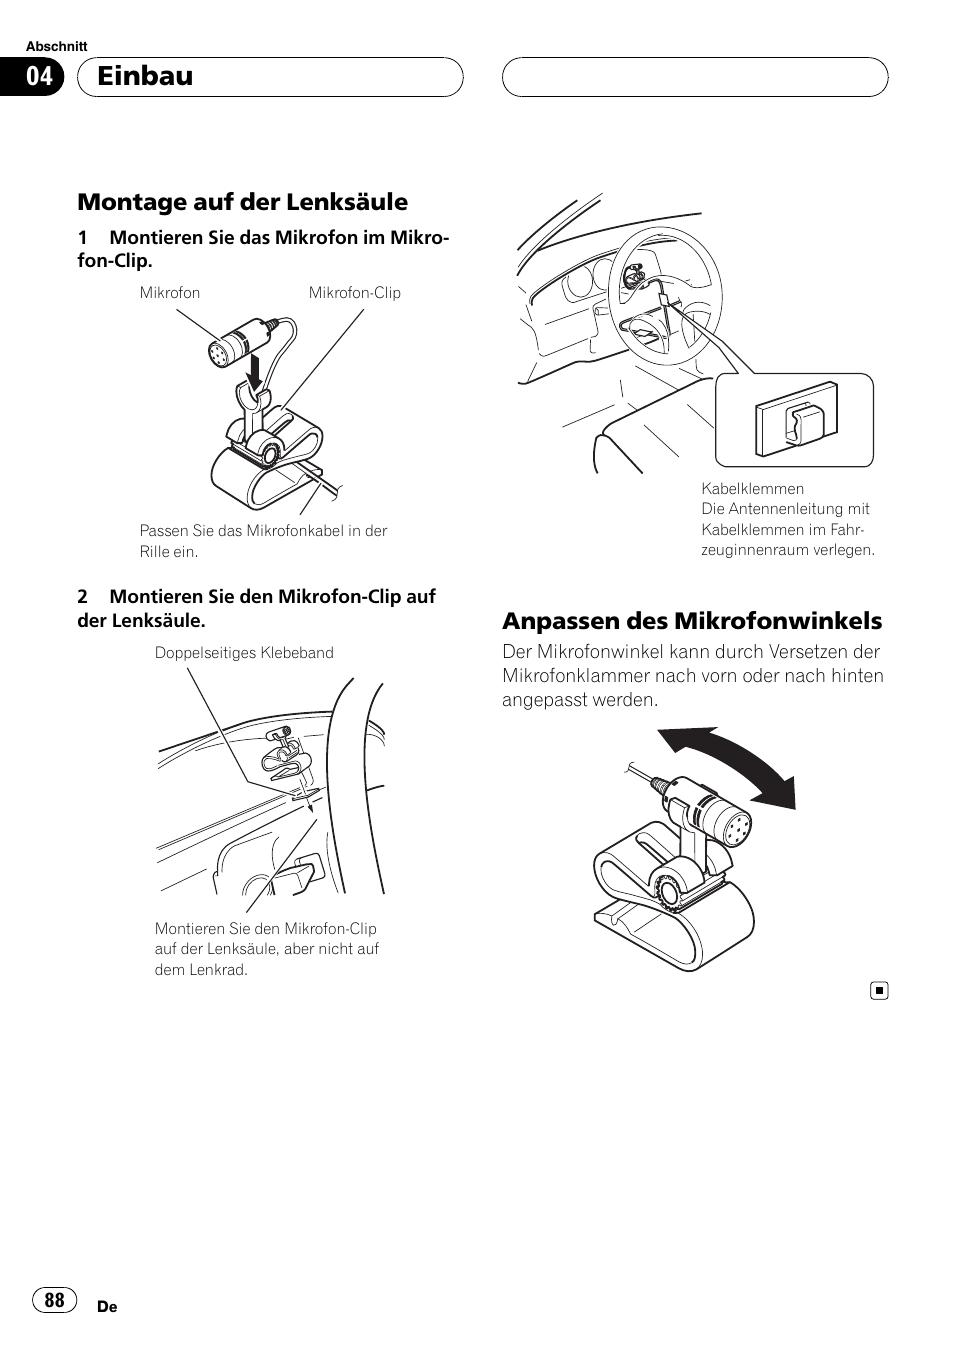 Montage auf der lenksäule 88, Anpassen des mikrofonwinkels